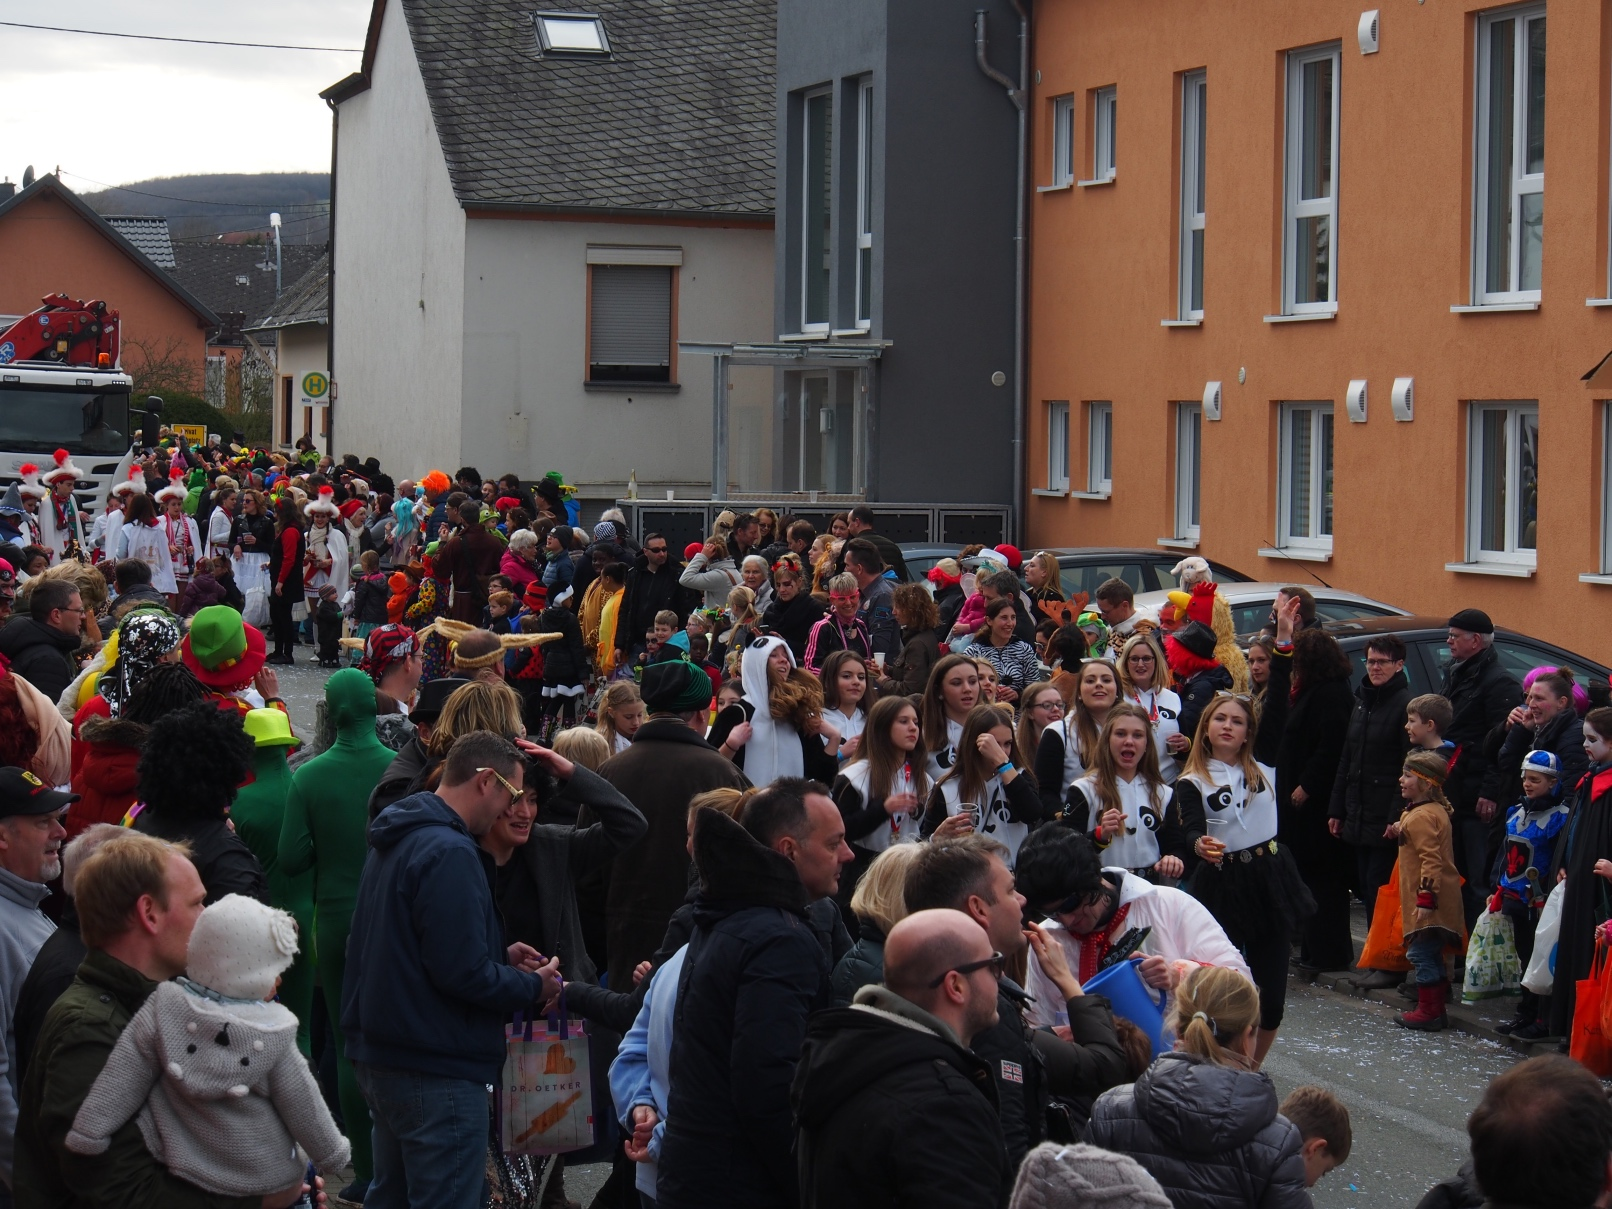 karneval_in_trier25.jpg